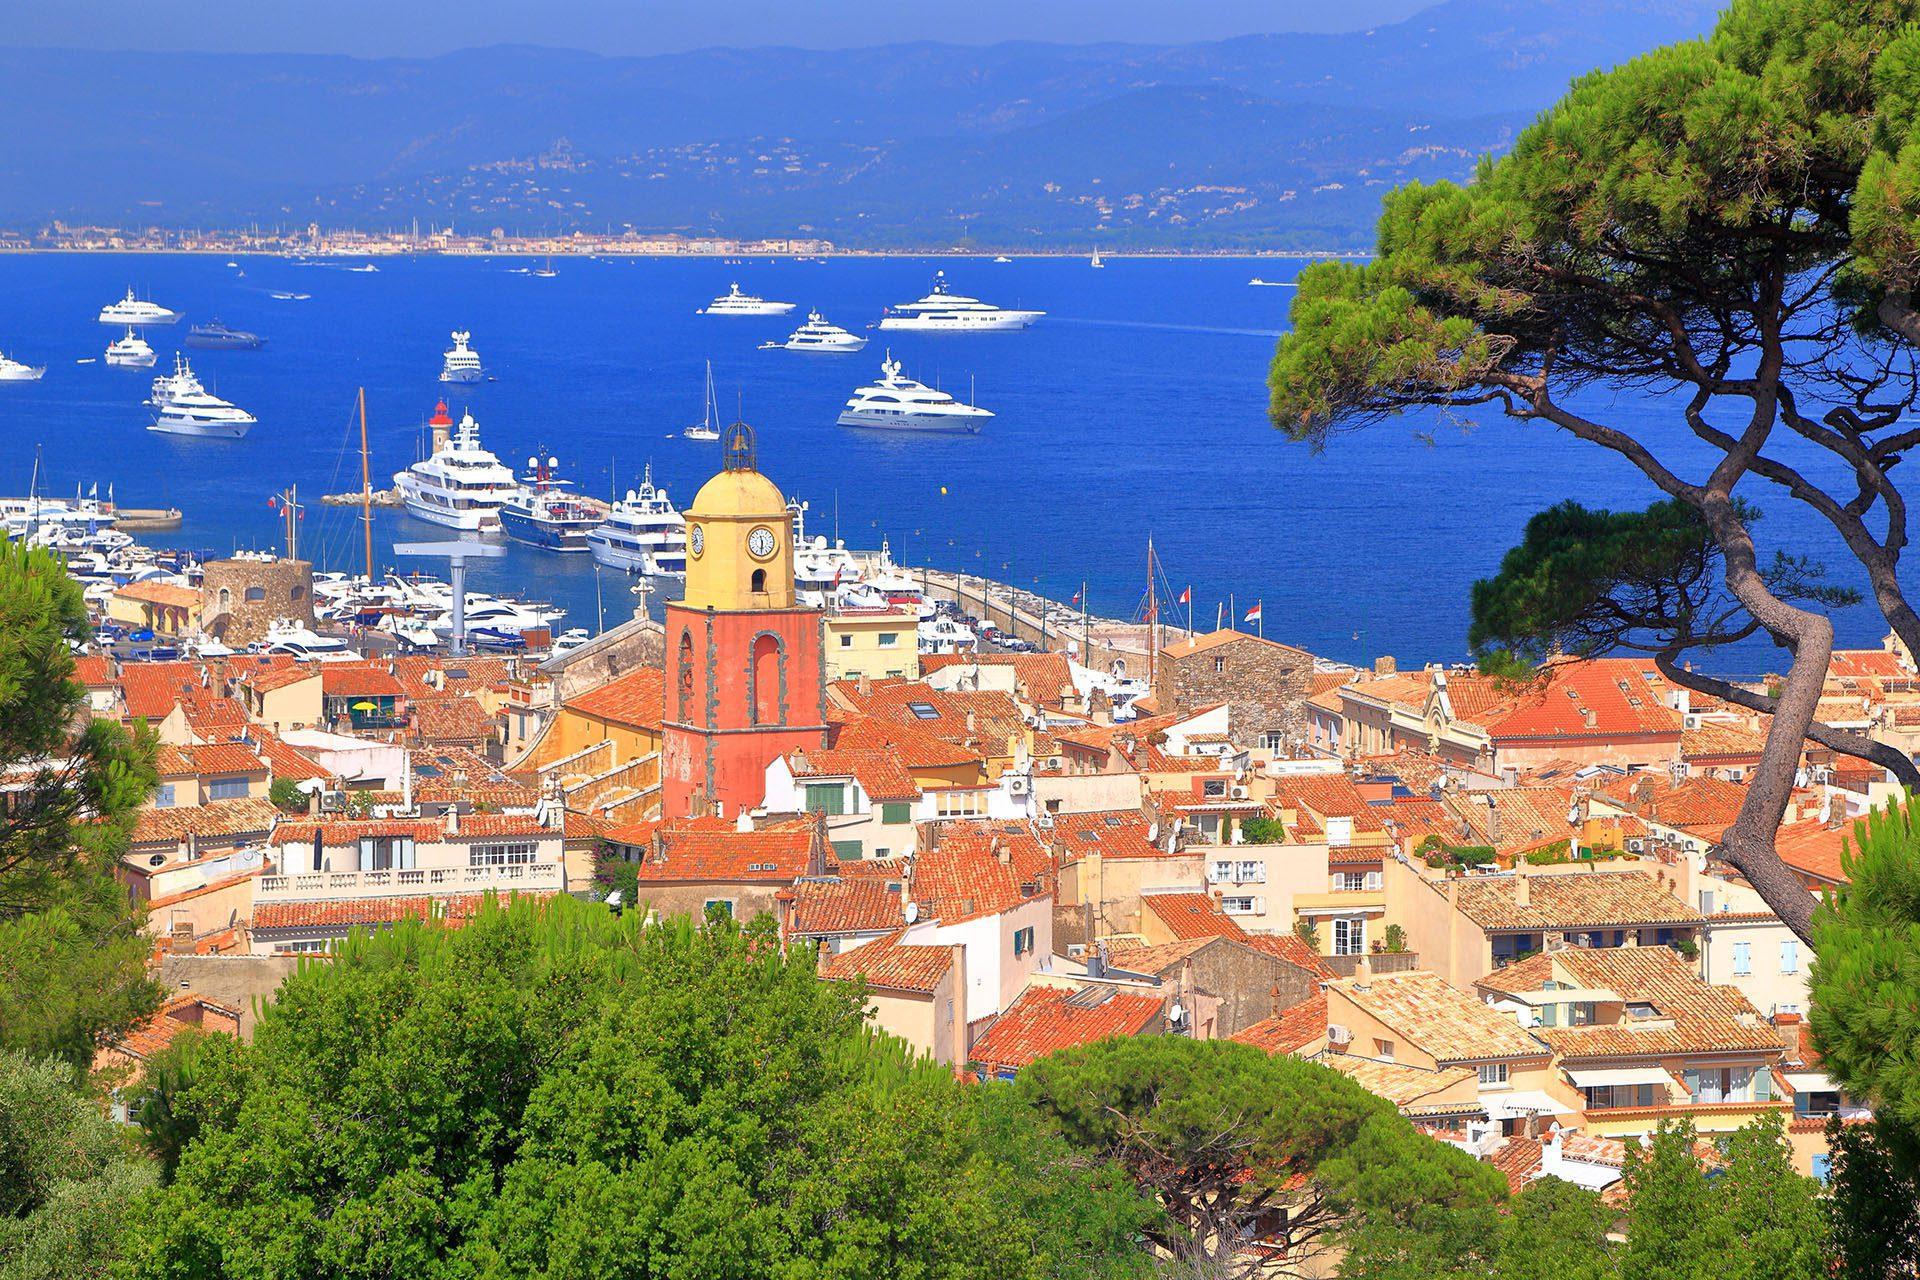 Vacance à Saint-Tropez